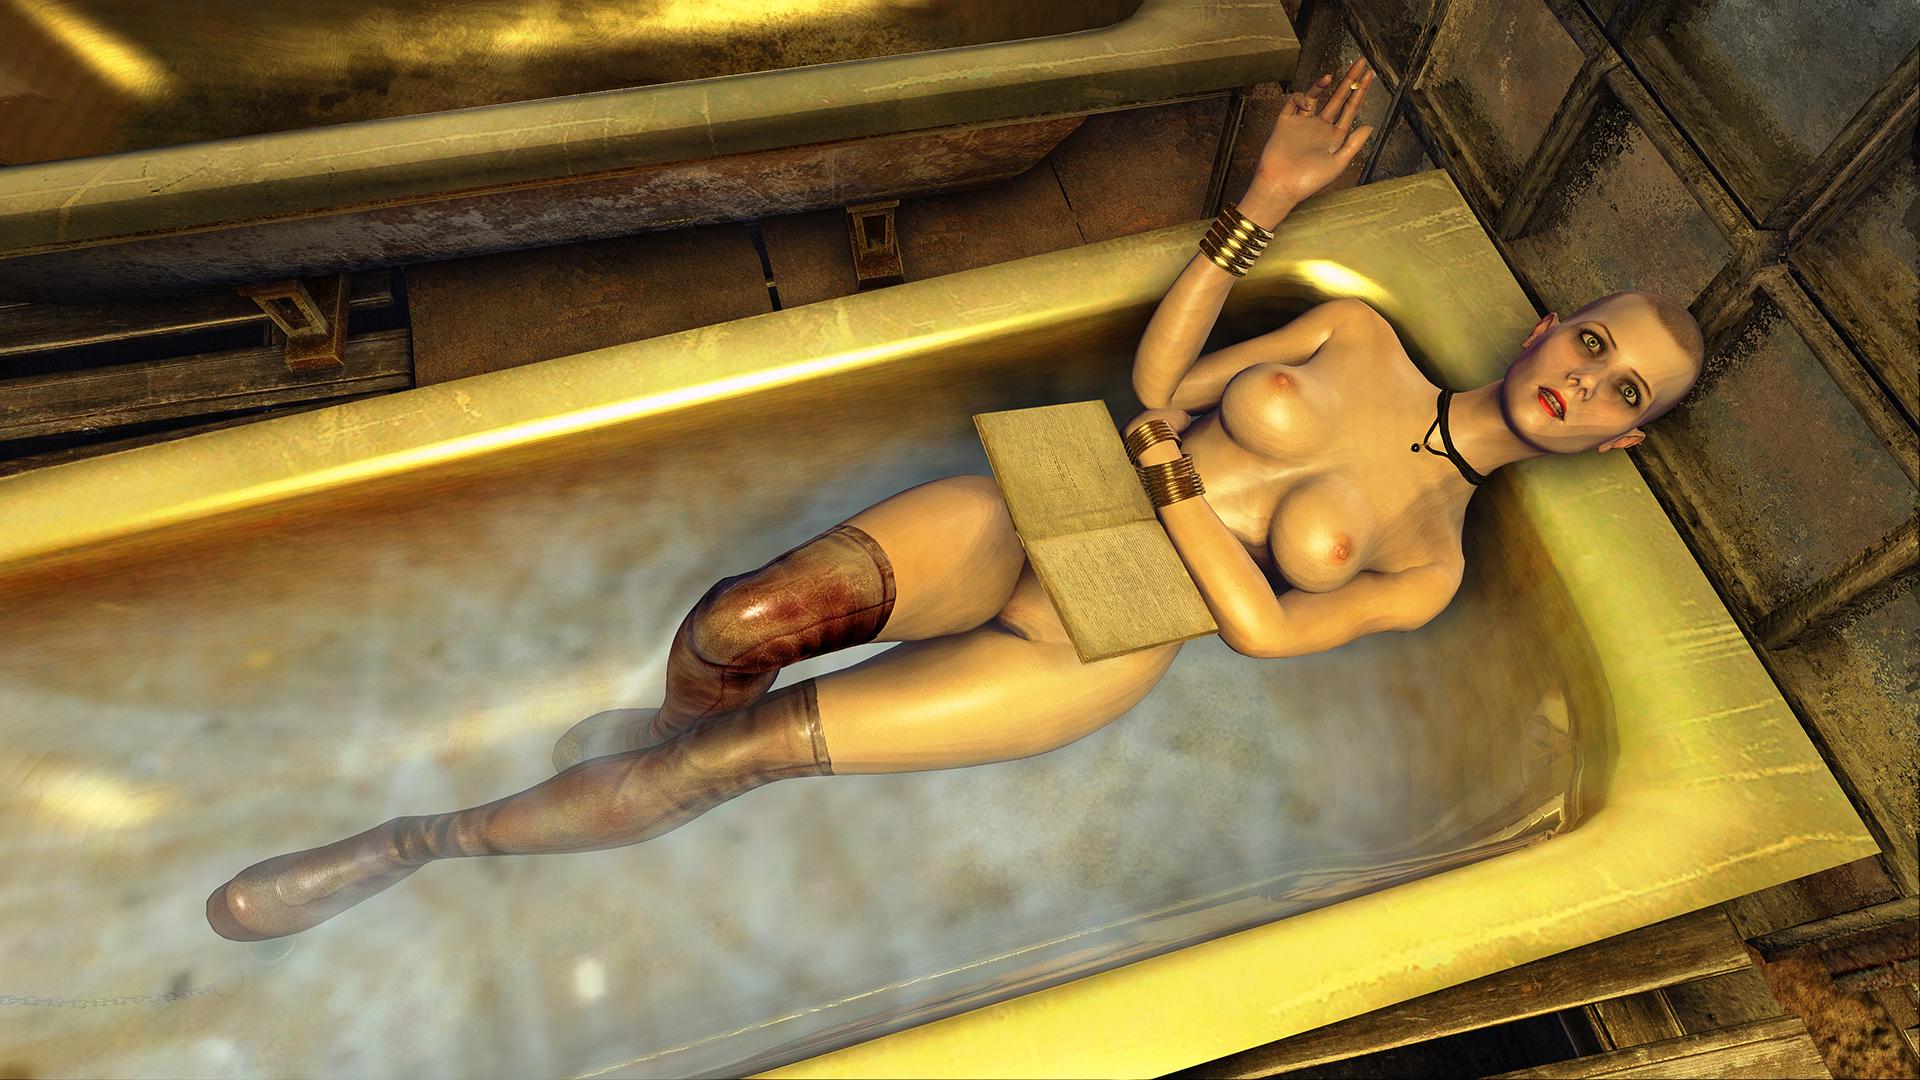 Игры порно секс в метро онлайн подругу